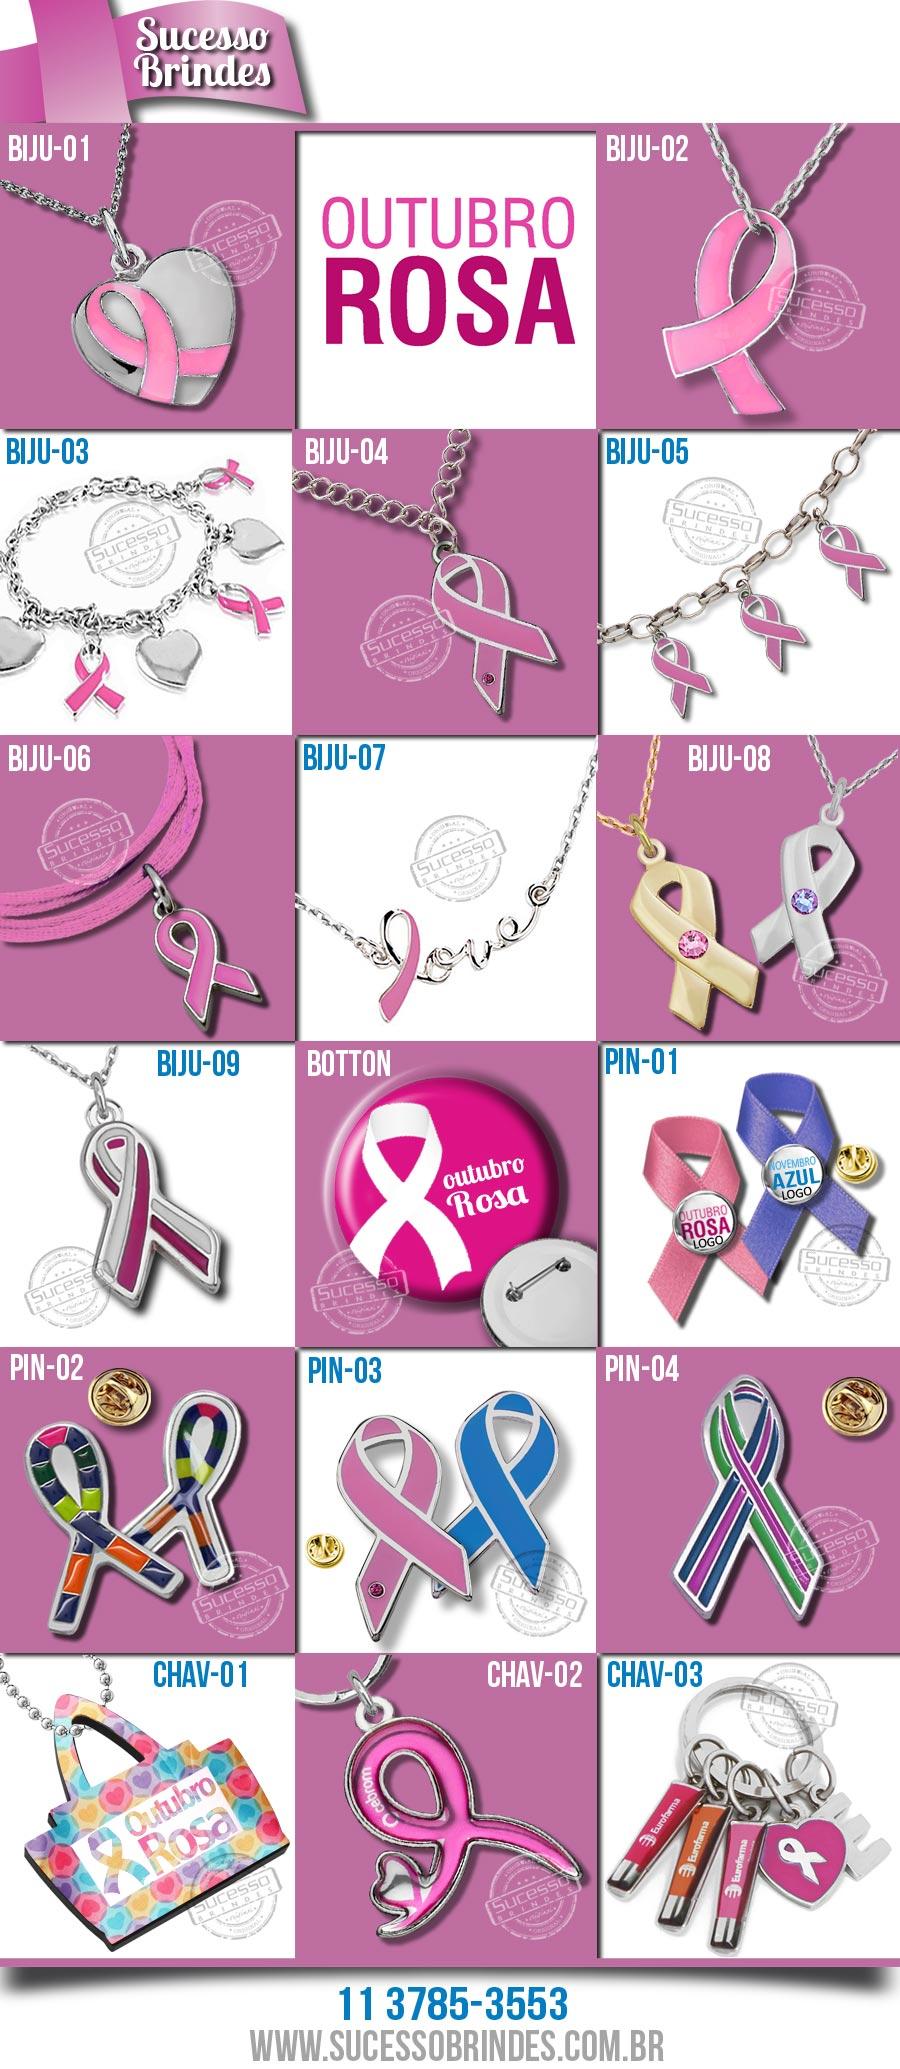 laço-cancer-outubro-rosa-sucesso-brindes